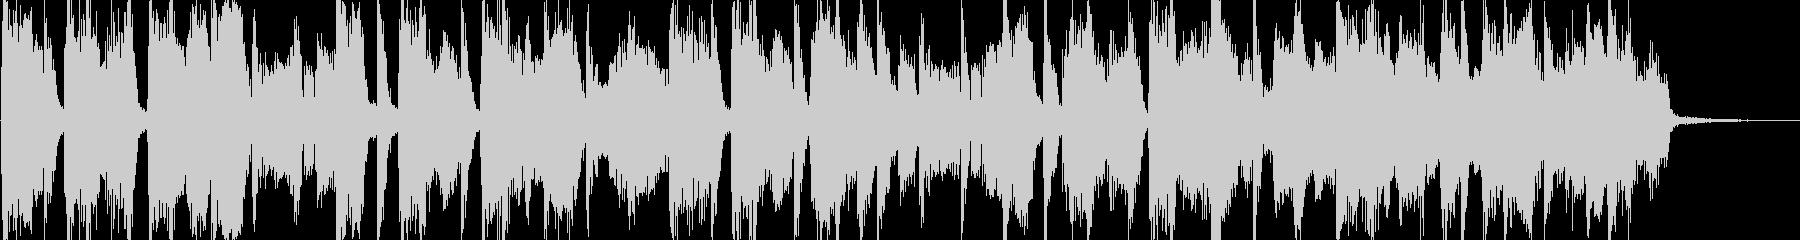 R&B風の短いポップジングルの未再生の波形